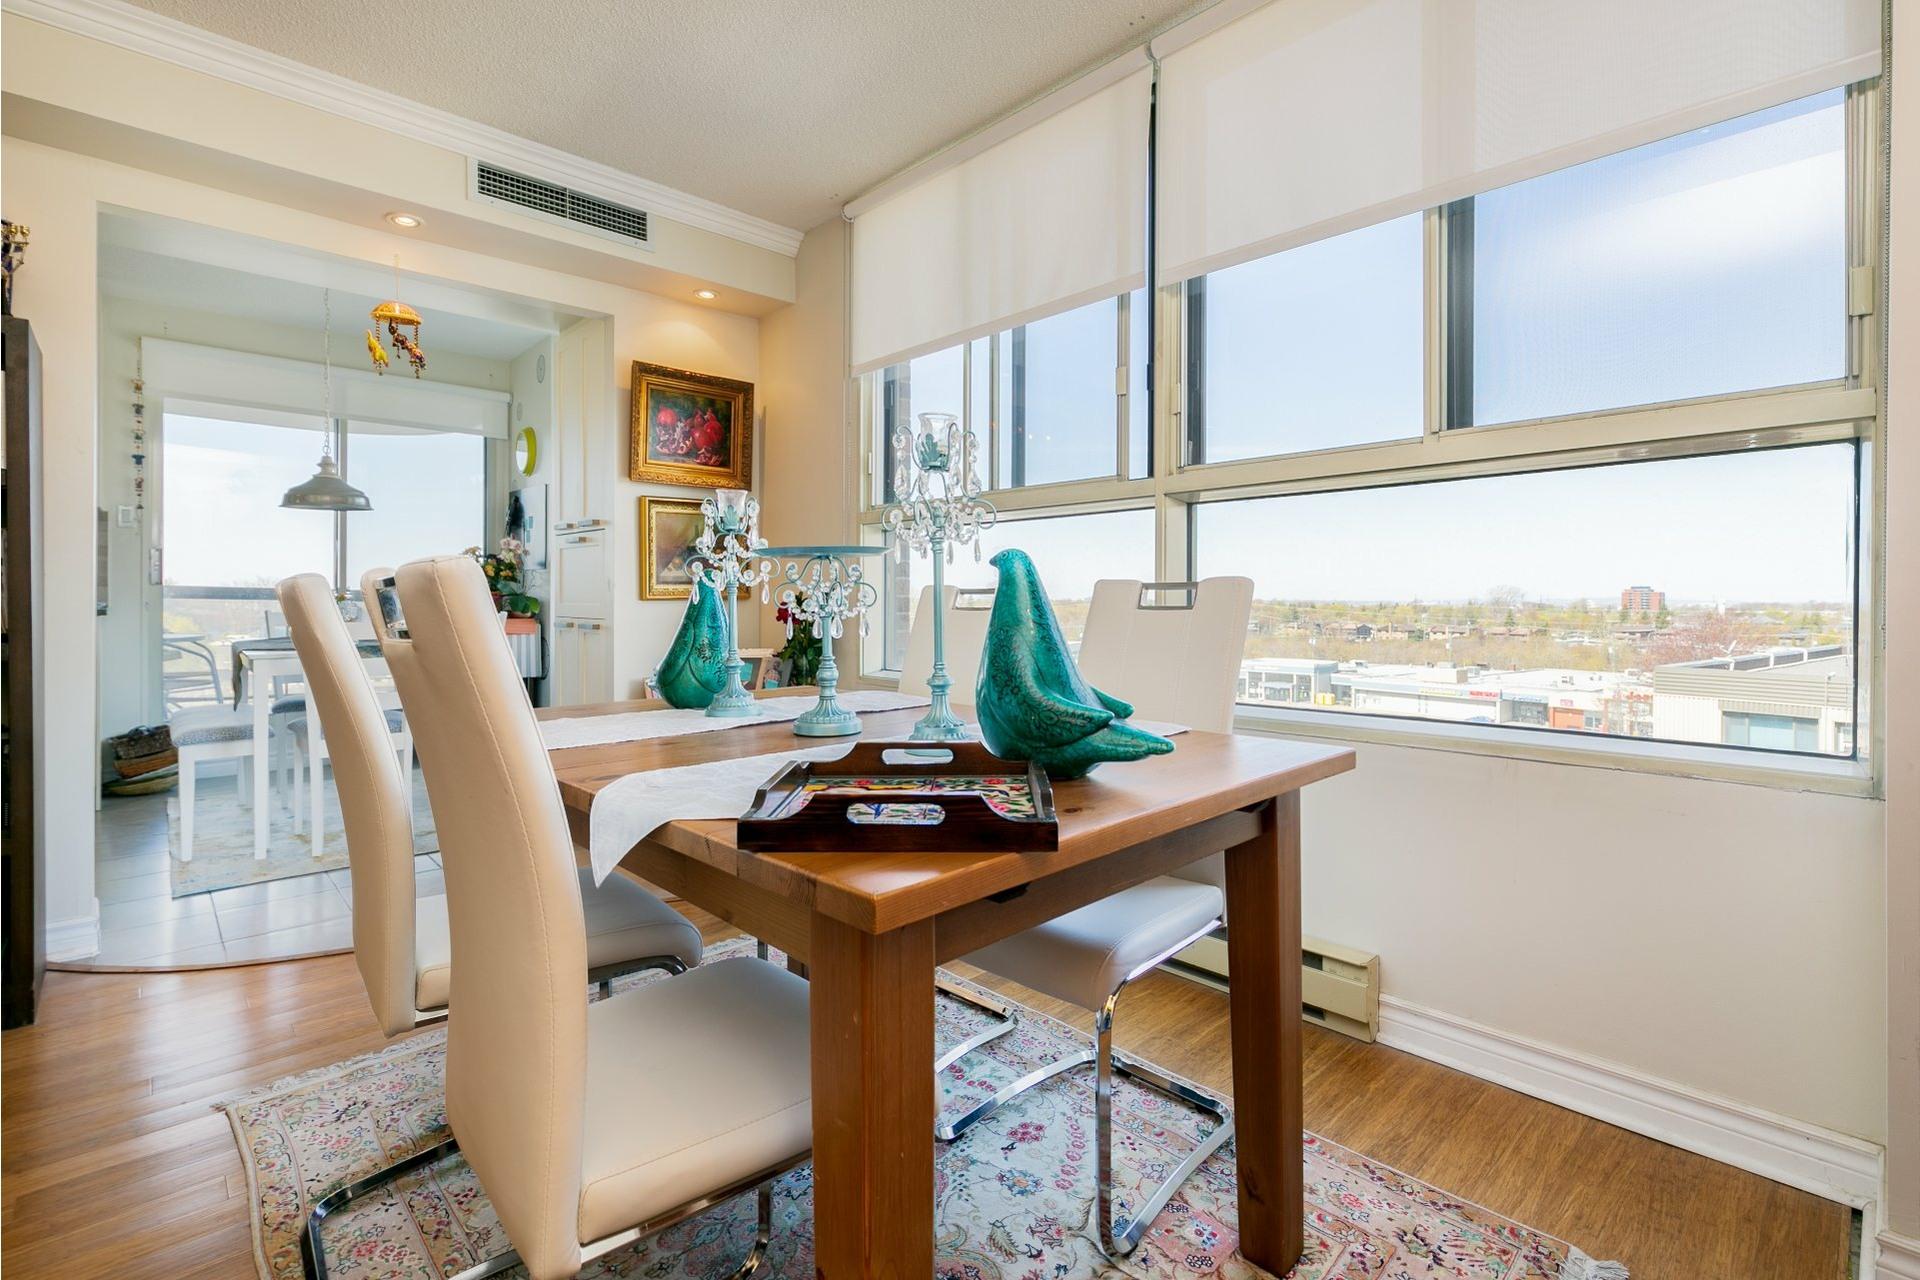 image 9 - Apartment For sale Côte-des-Neiges/Notre-Dame-de-Grâce Montréal  - 10 rooms